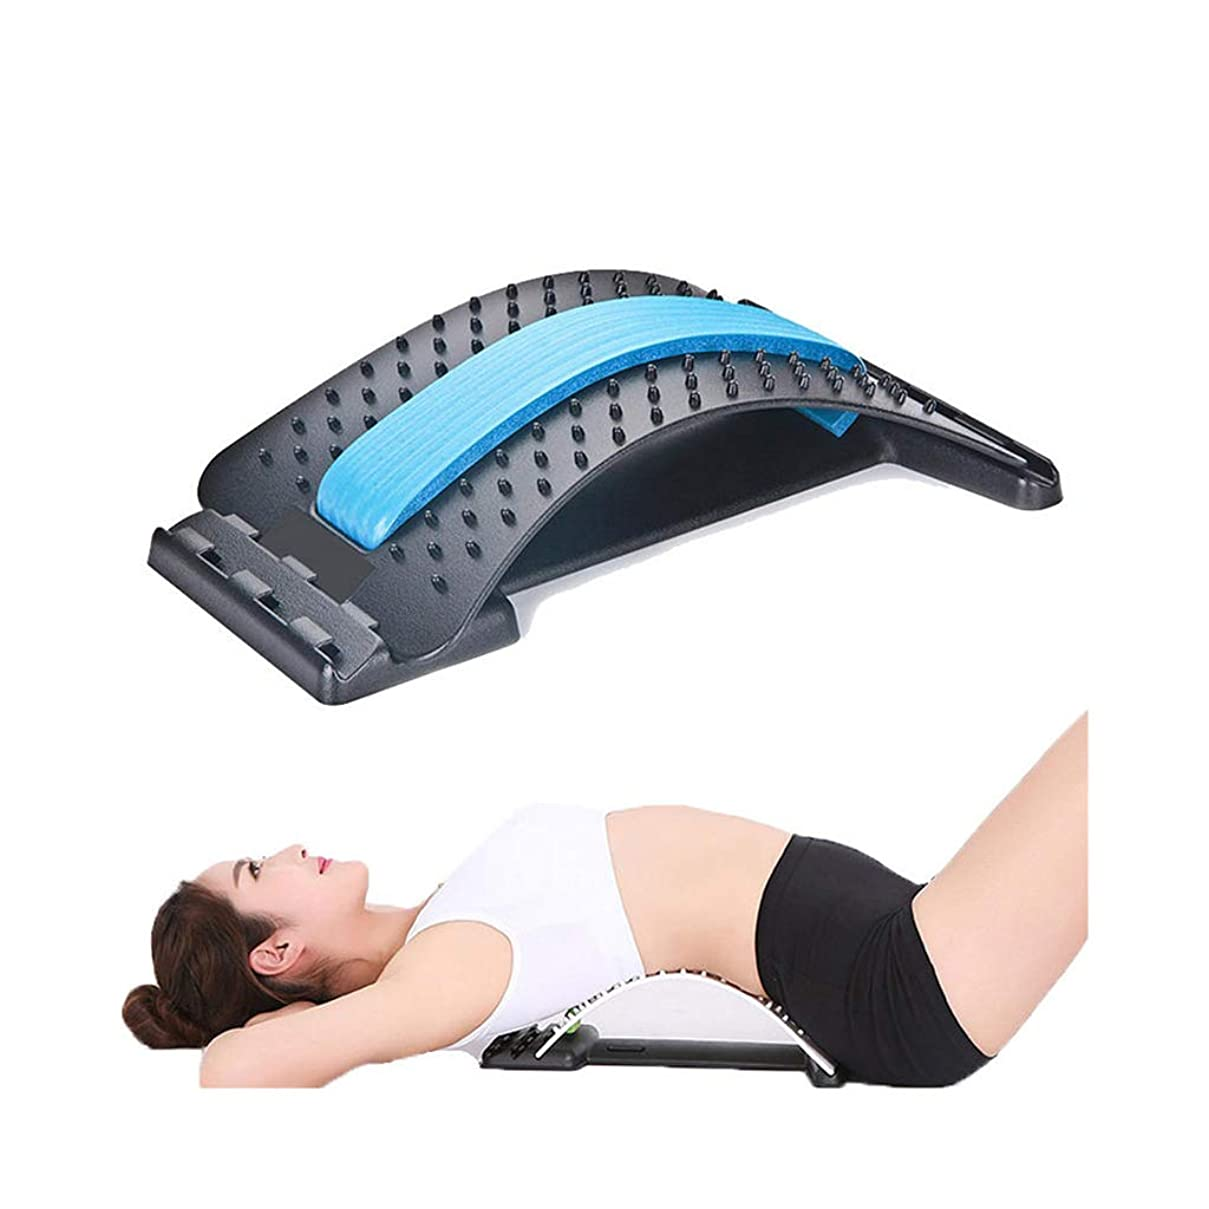 深めるそれに応じて告白するストレッチ装置背中マッサージ器マジック伸縮器フィットネス腰椎サポートリラクゼーション脊柱痛緩和 (色 : A)